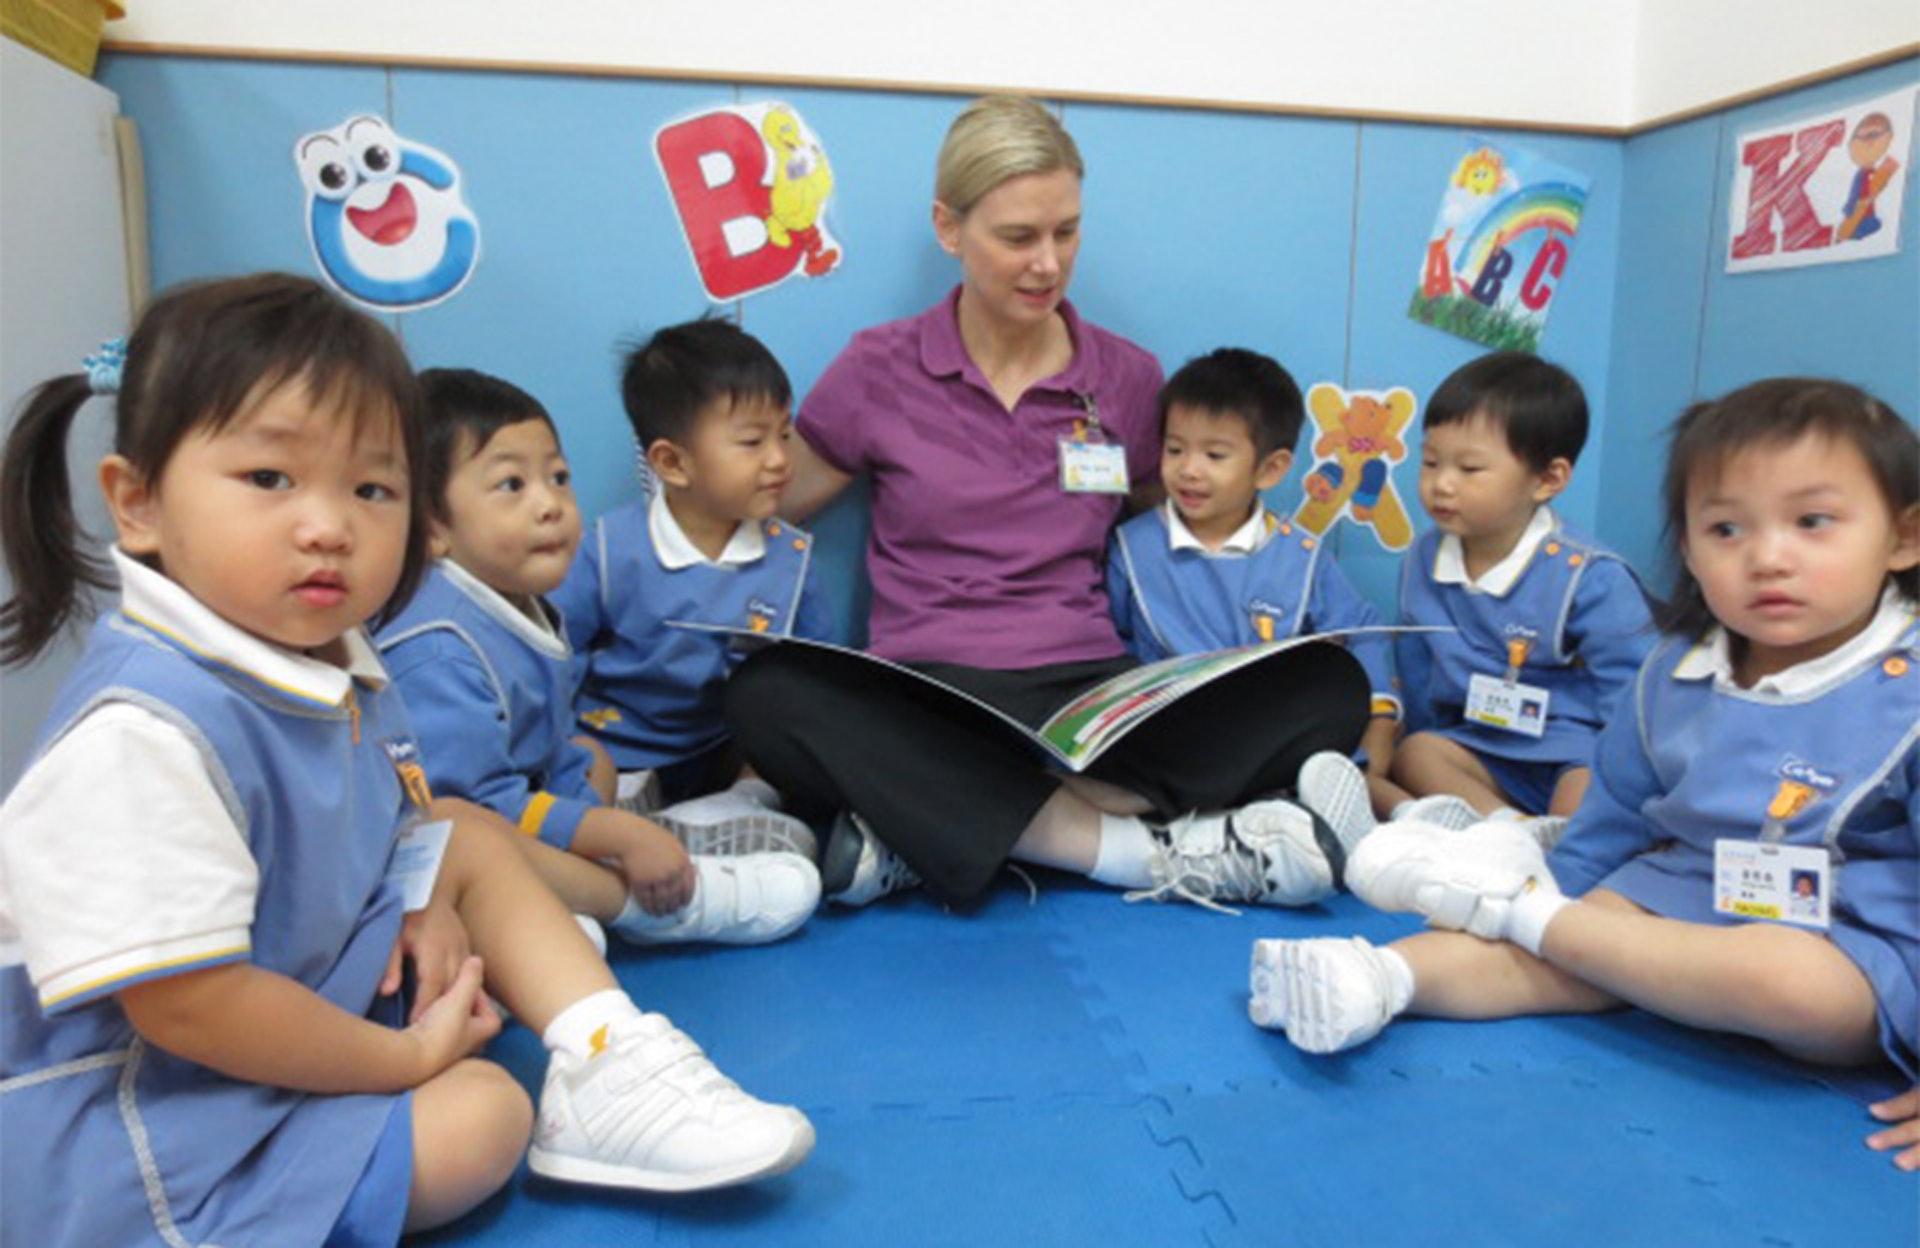 幼稚園的圖片搜尋結果